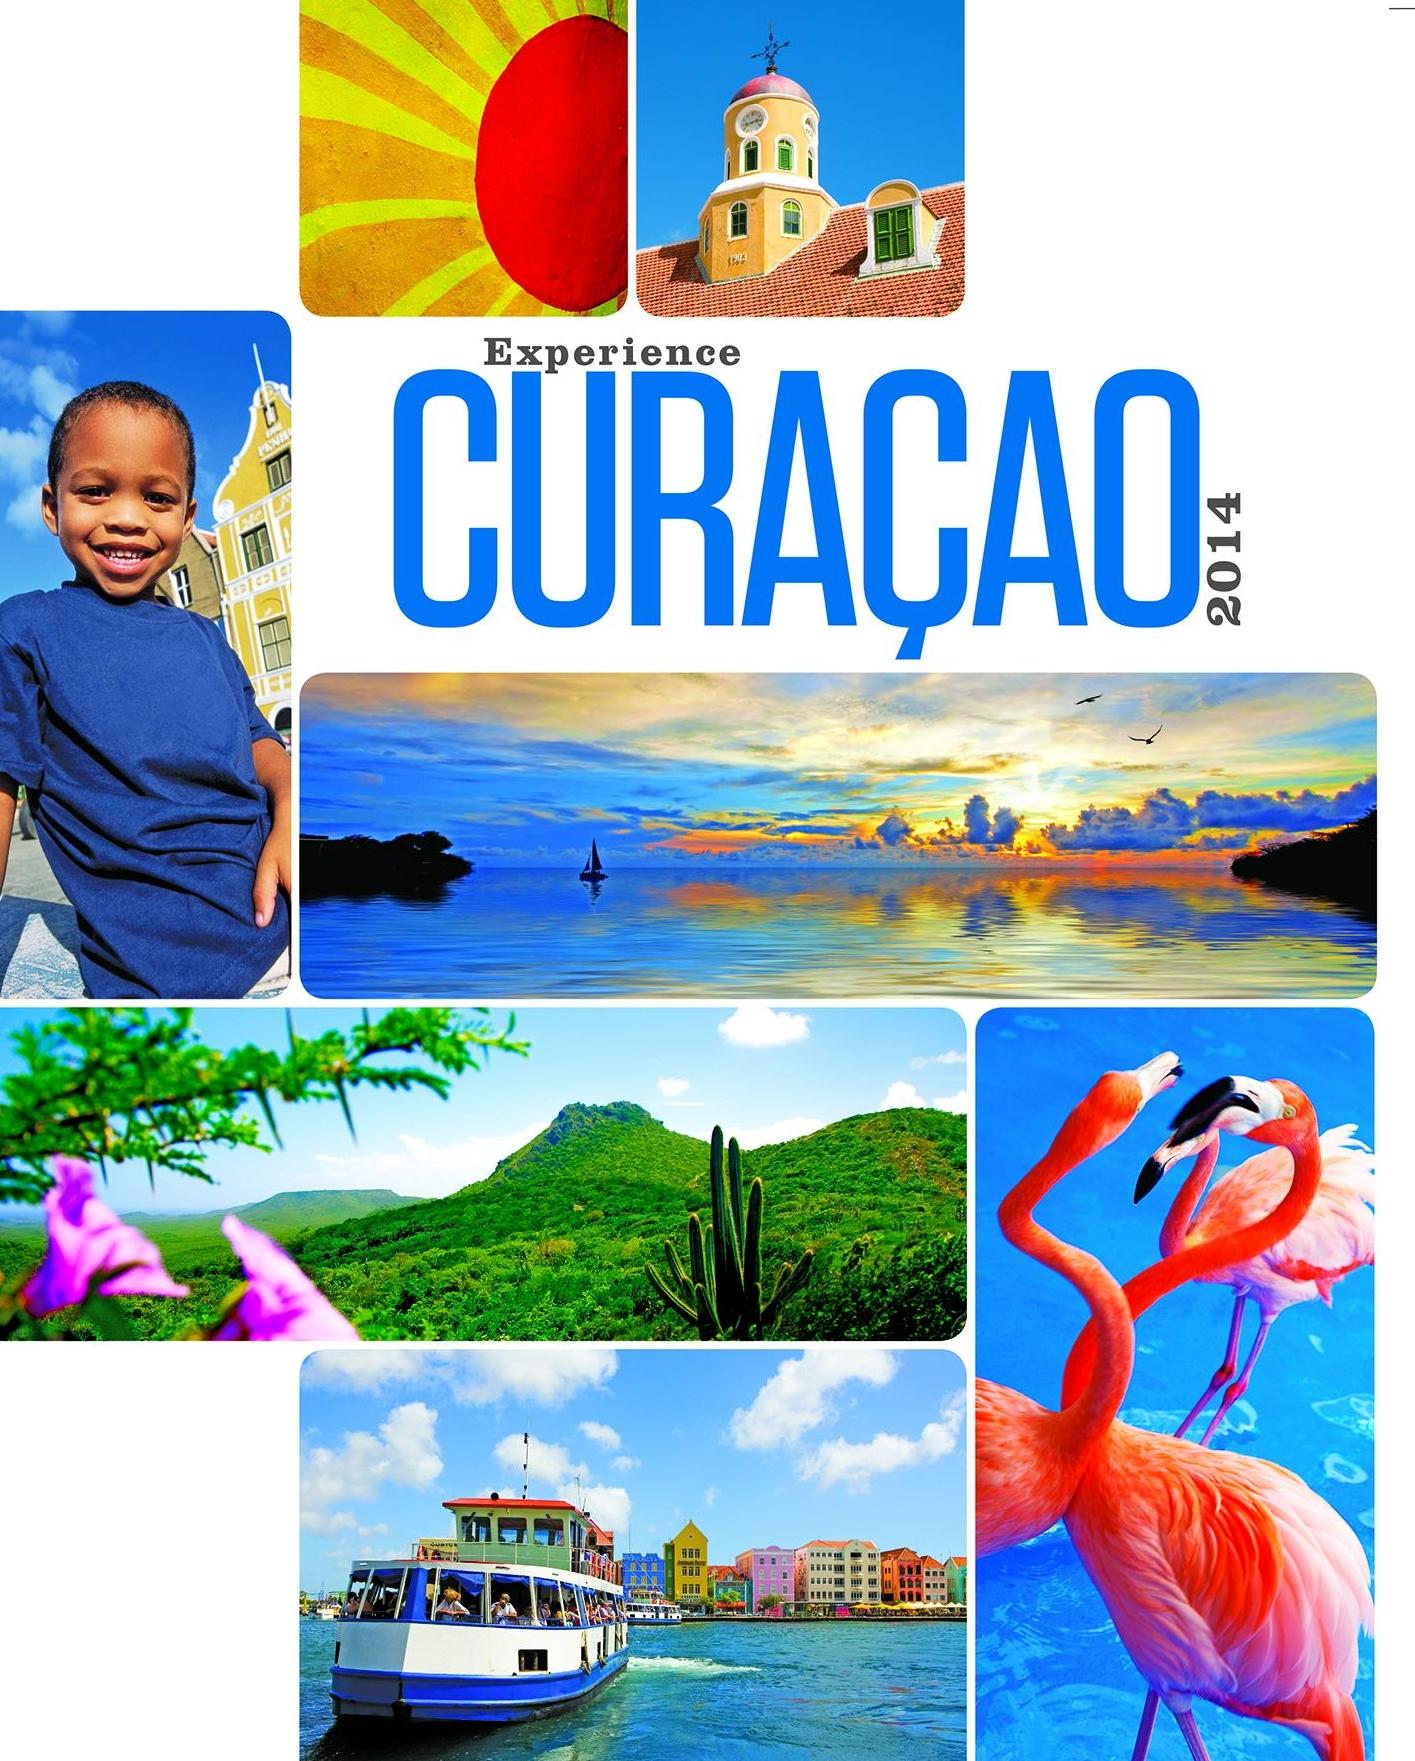 Experience Curacao